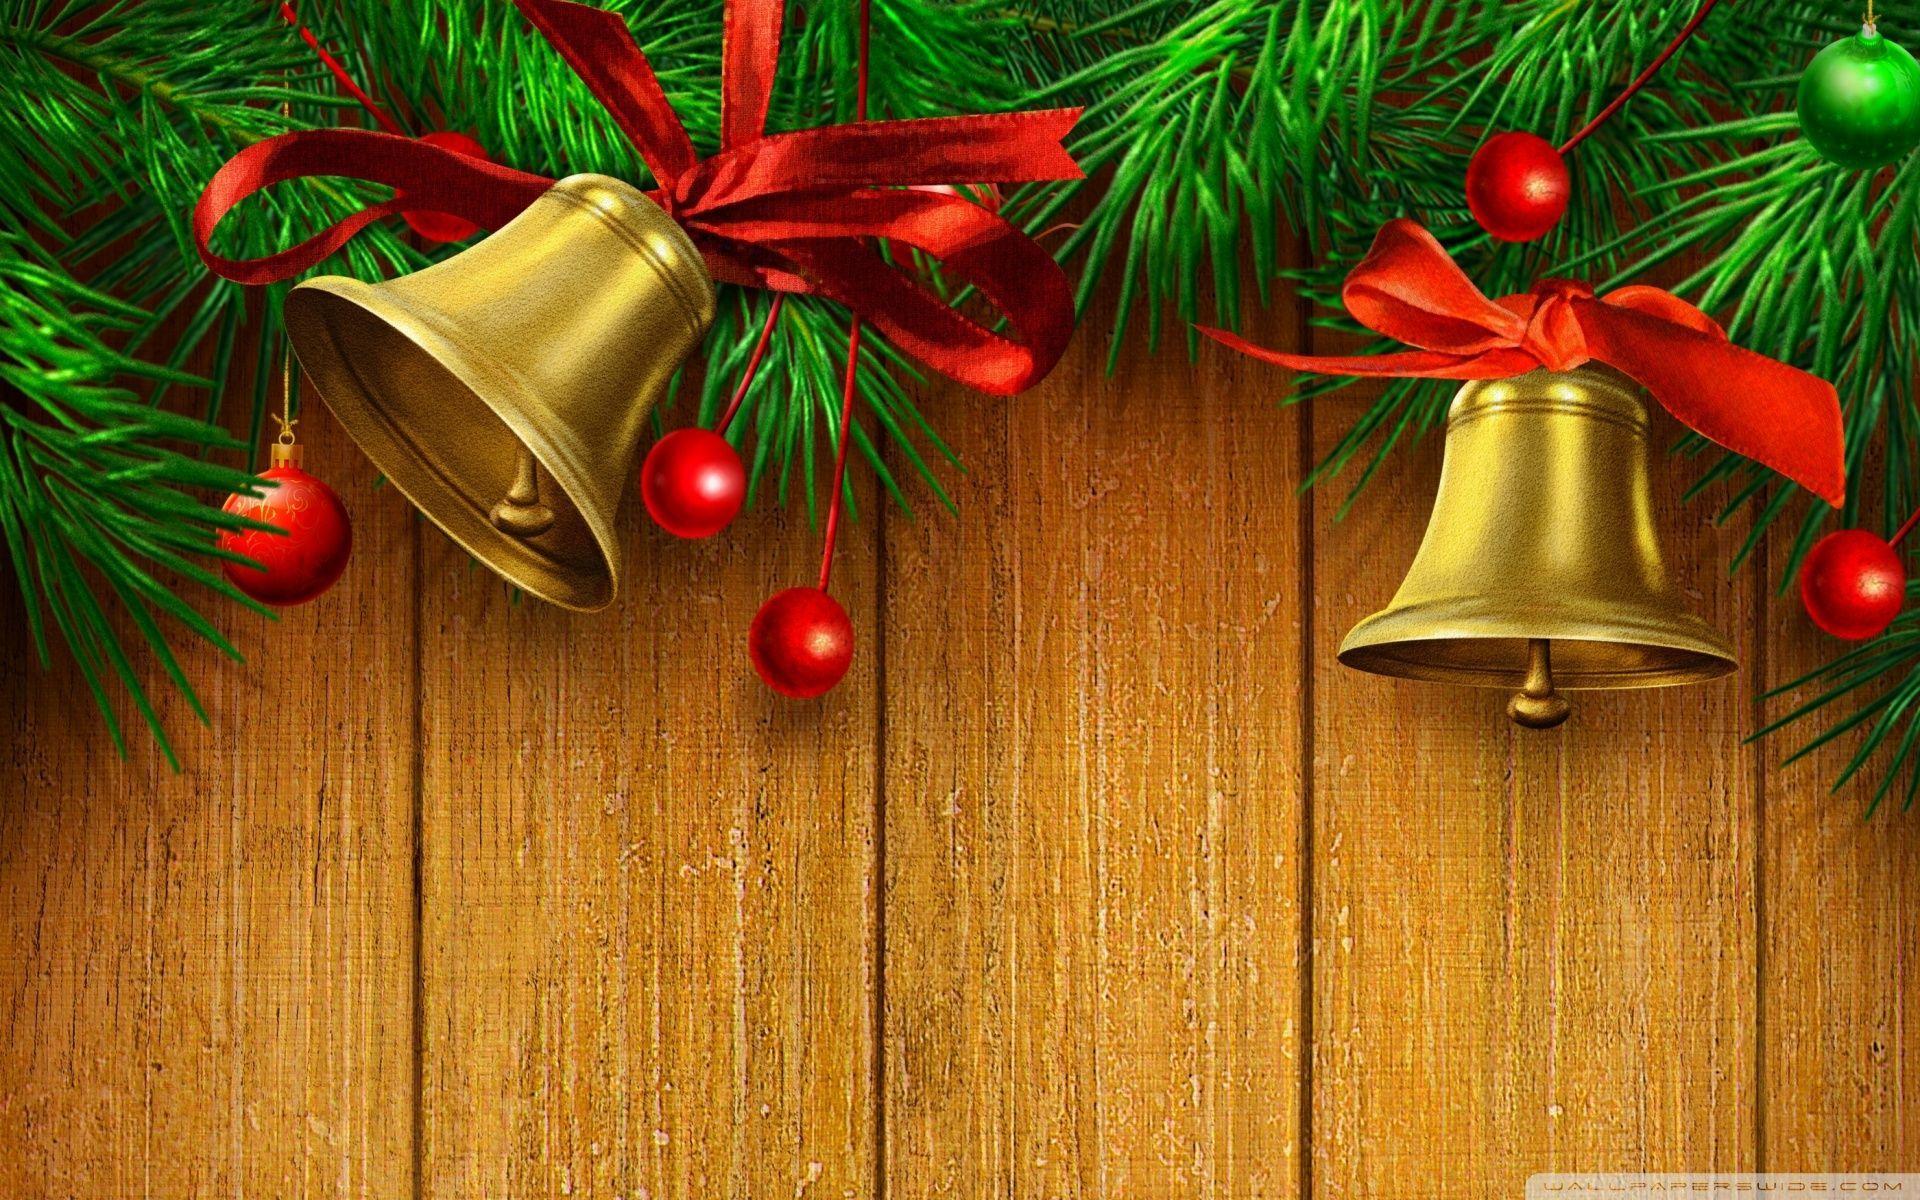 Los 12 pechos de navidad